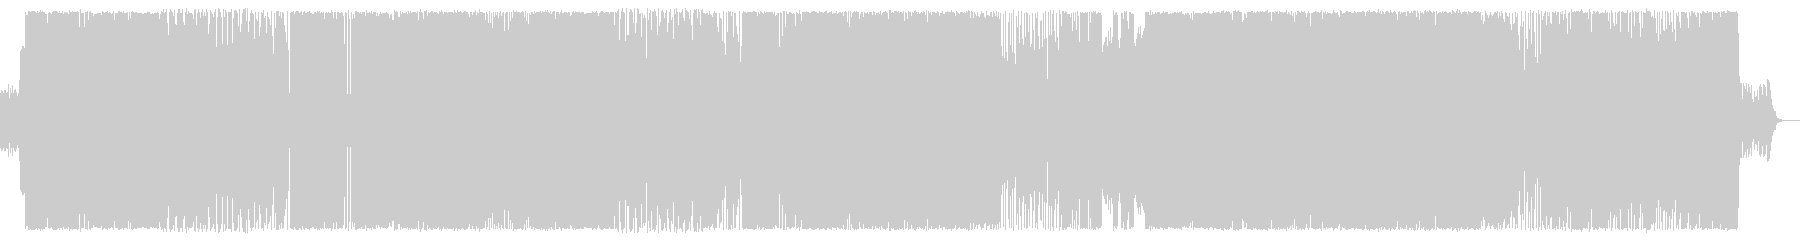 【ヘビネス】重厚で攻撃的、疾走感有りの未再生の波形